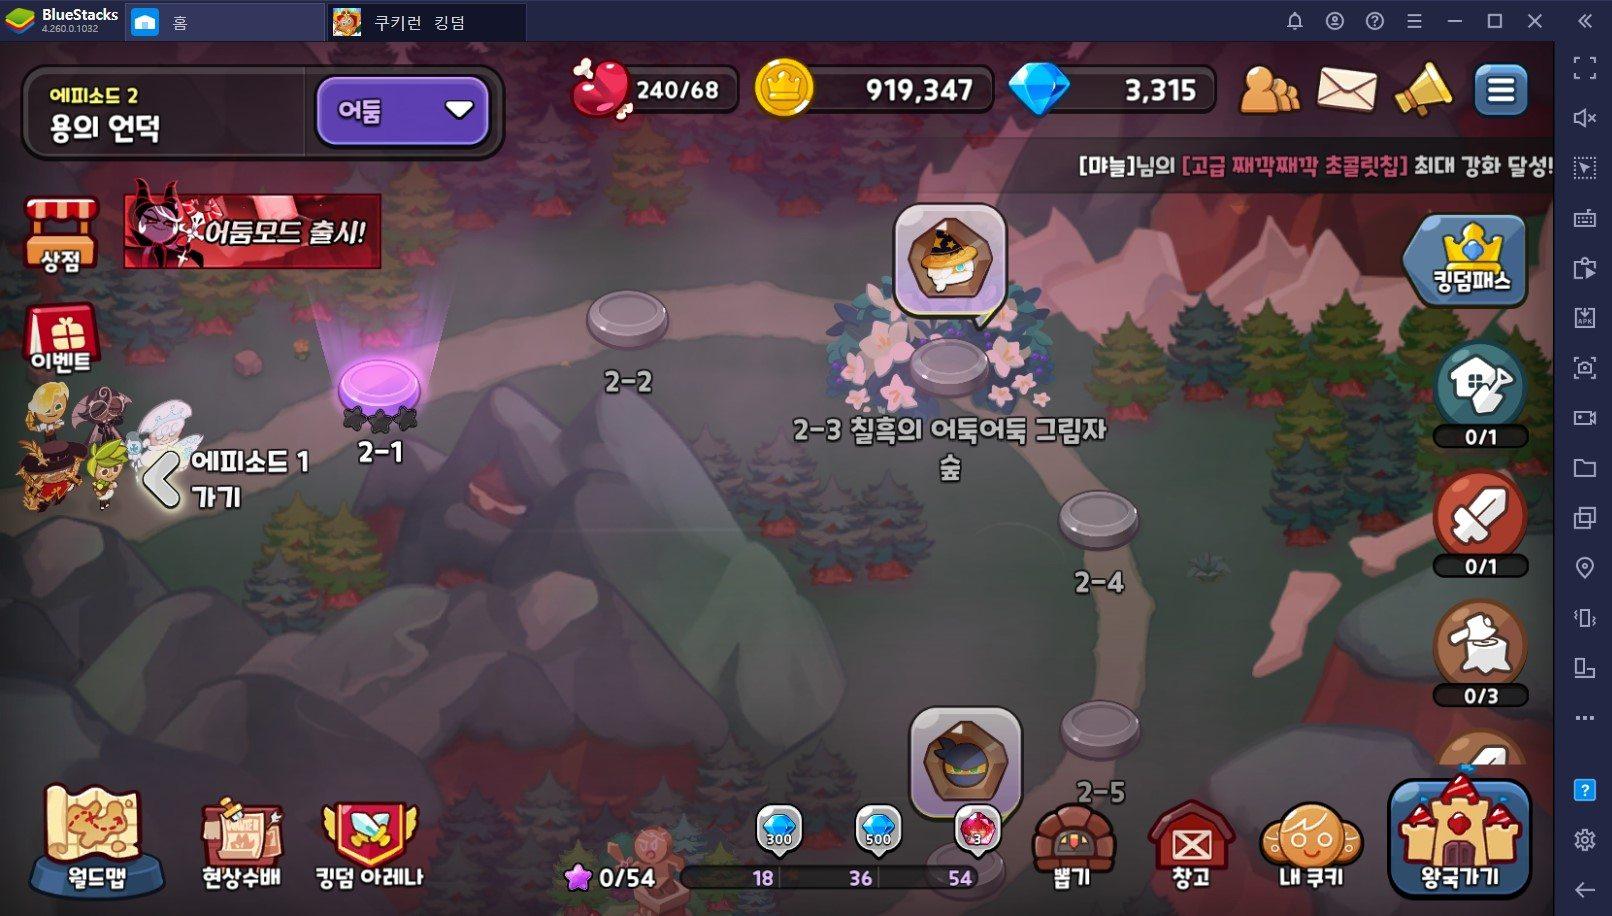 PC에서 어둠모드 업데이트와 함께 시작된 쿠키런: 킹덤의 다양한 이벤트들에 참여해보세요